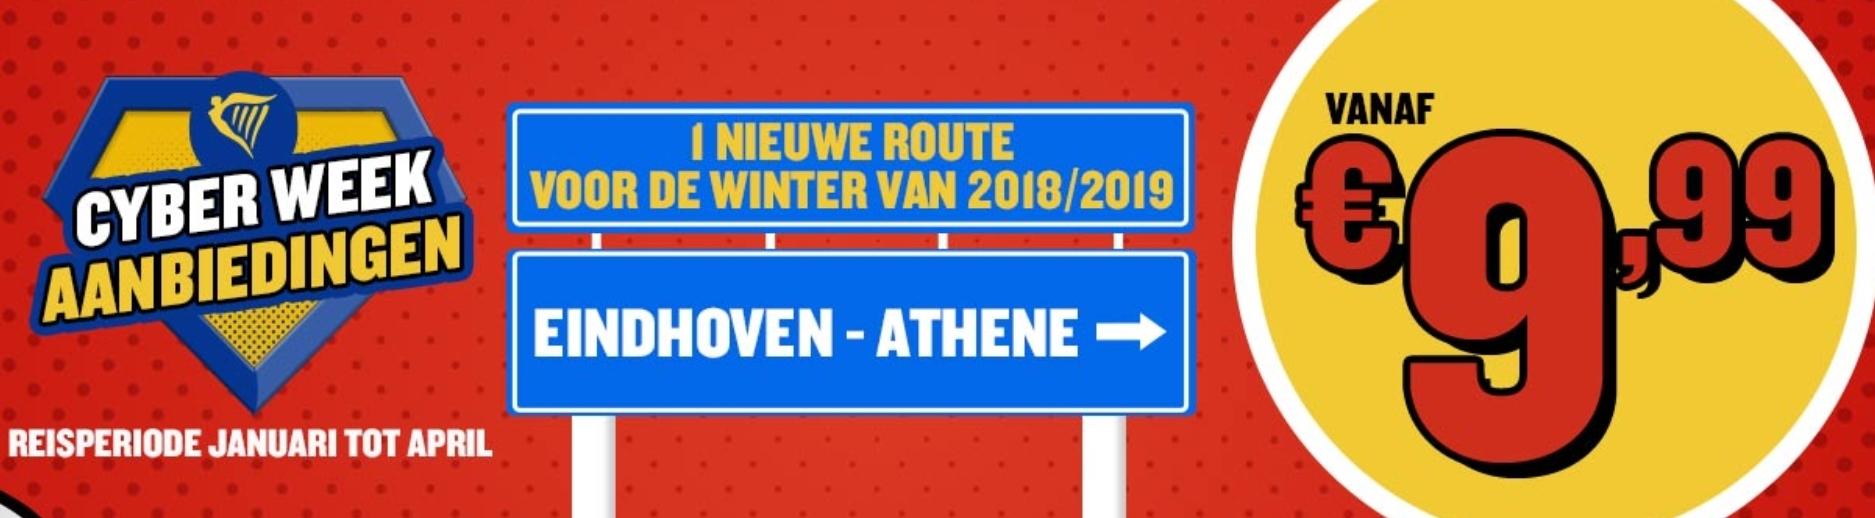 Cyber Week deals dag 7: Eindhoven > Athene voor €9,78 (nieuwe winterroute)